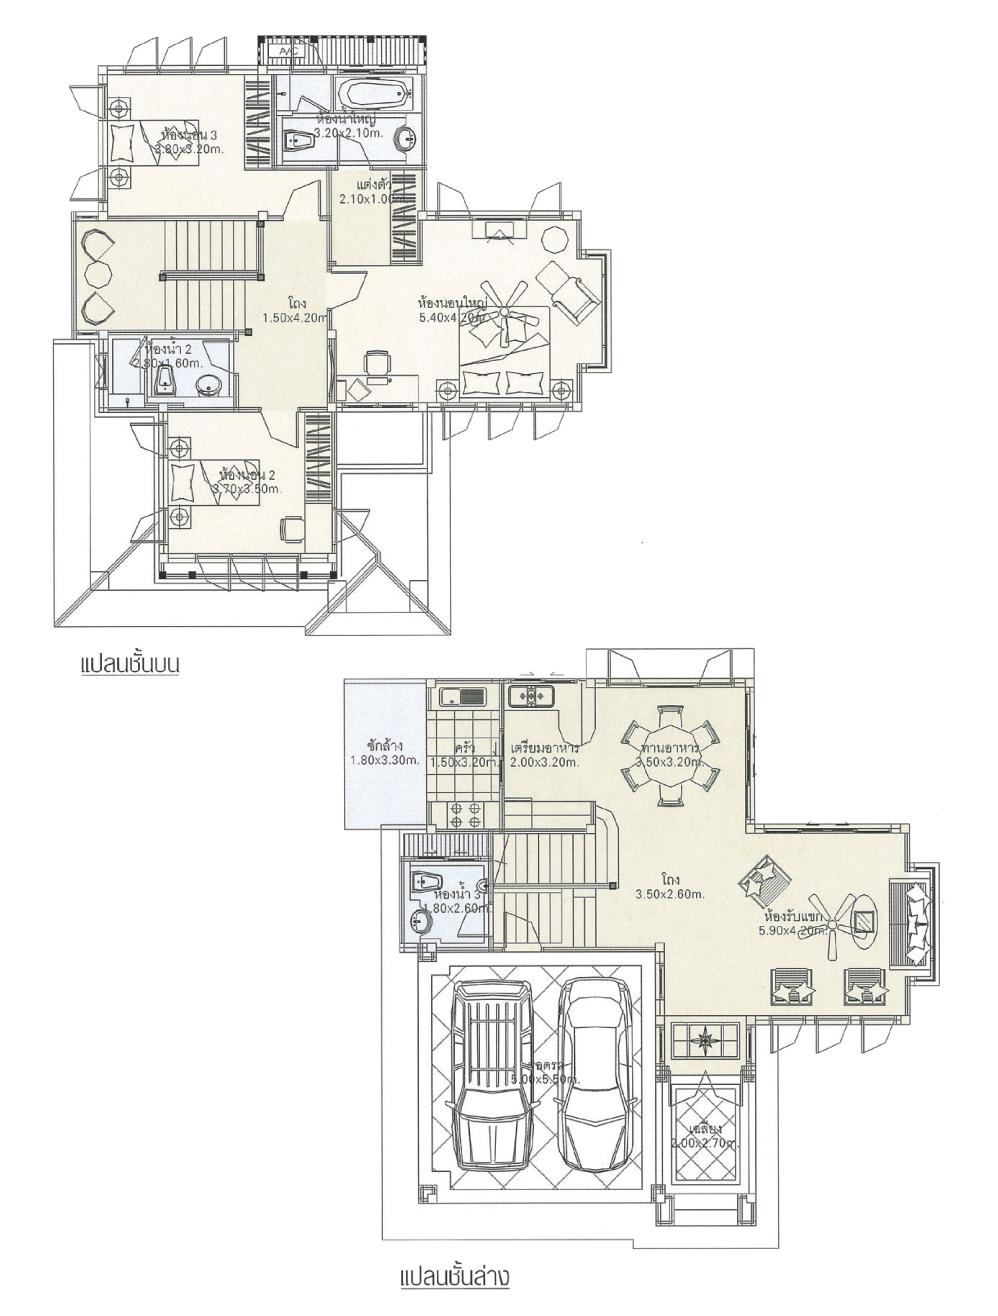 แบบบ้านสองชั้น 3 ห้องนอน 3 ห้องน้ำ 195 ตร.ม ราคา 1.95ล้าน (สนฉัตร)